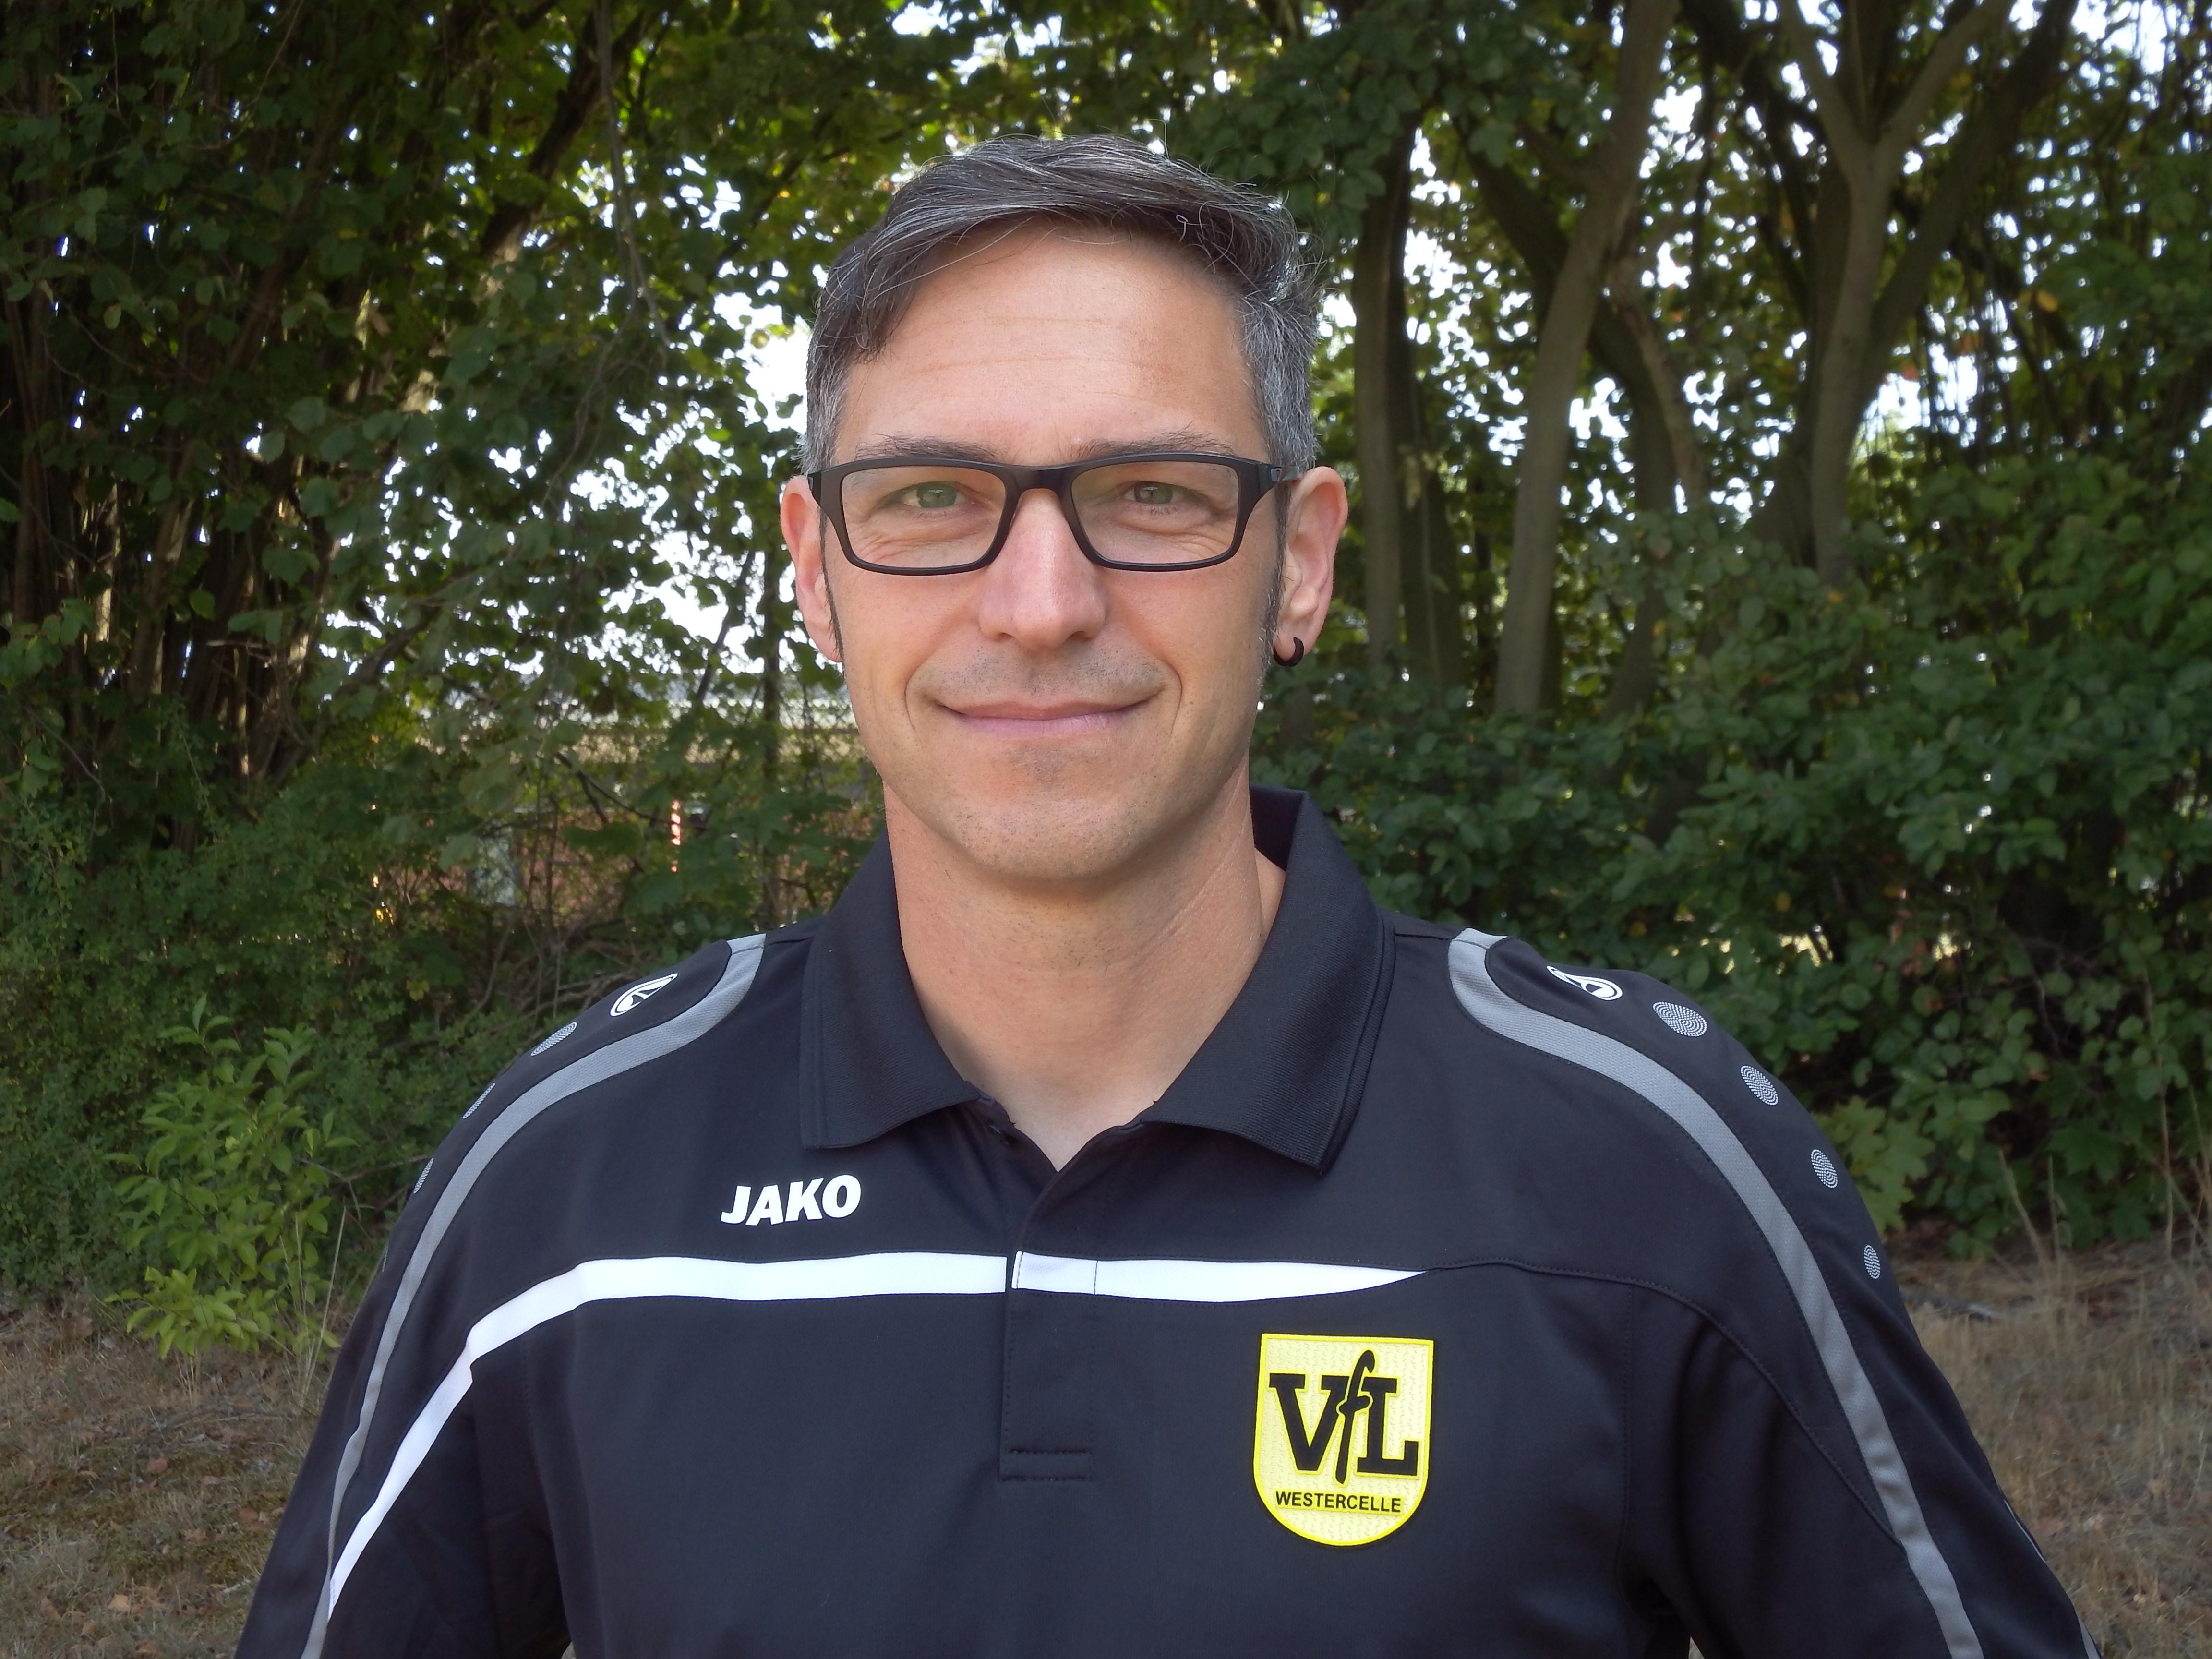 Alexander Hein